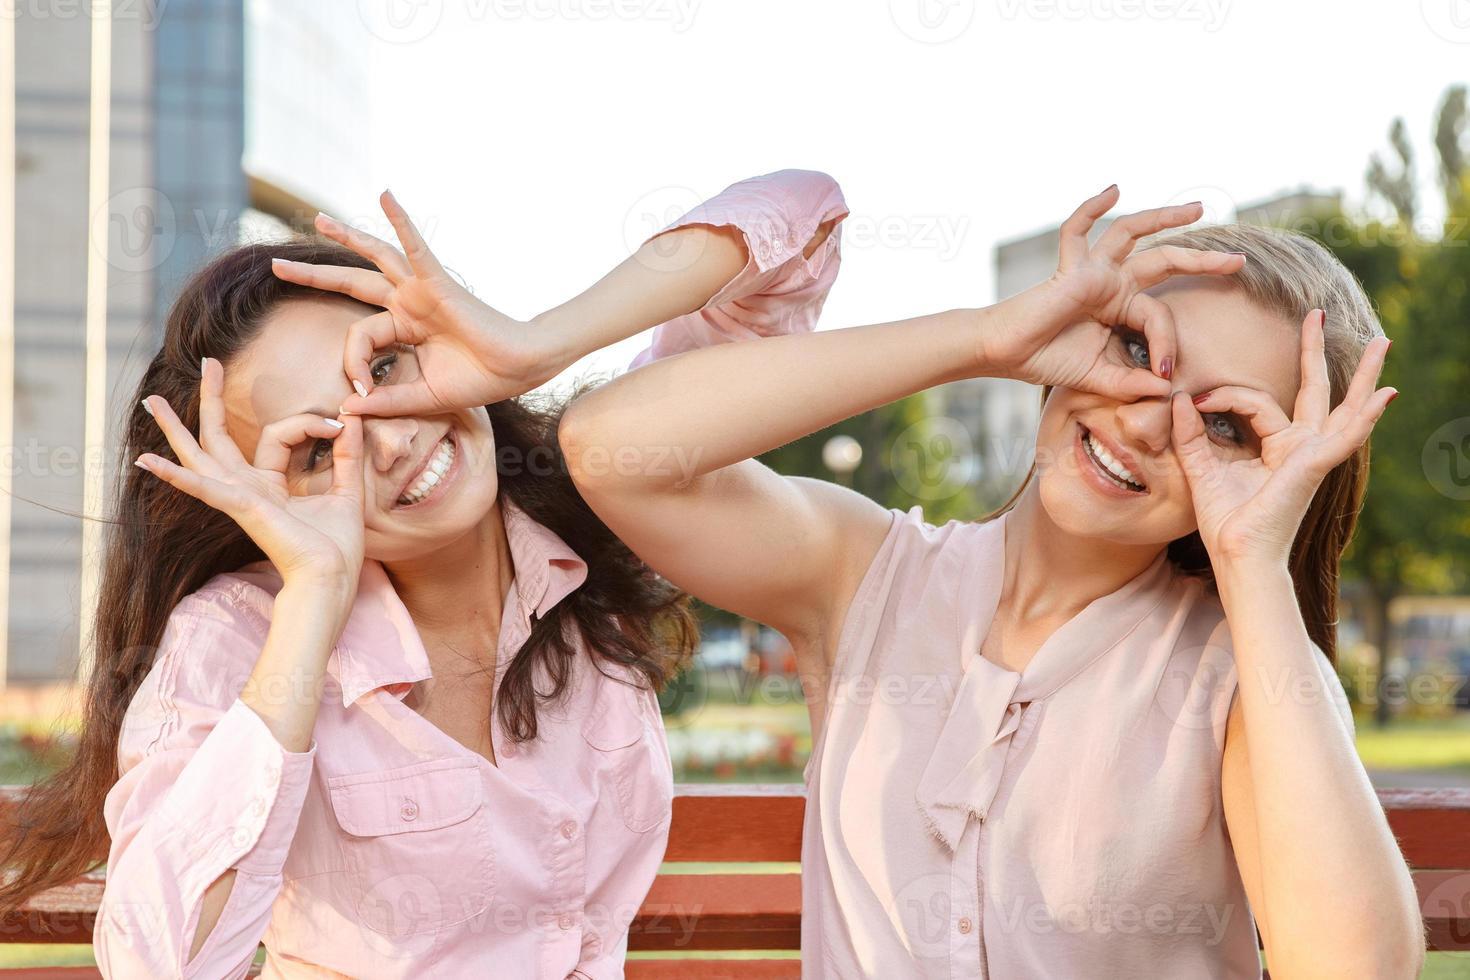 två glada tjejer som lurar runt foto